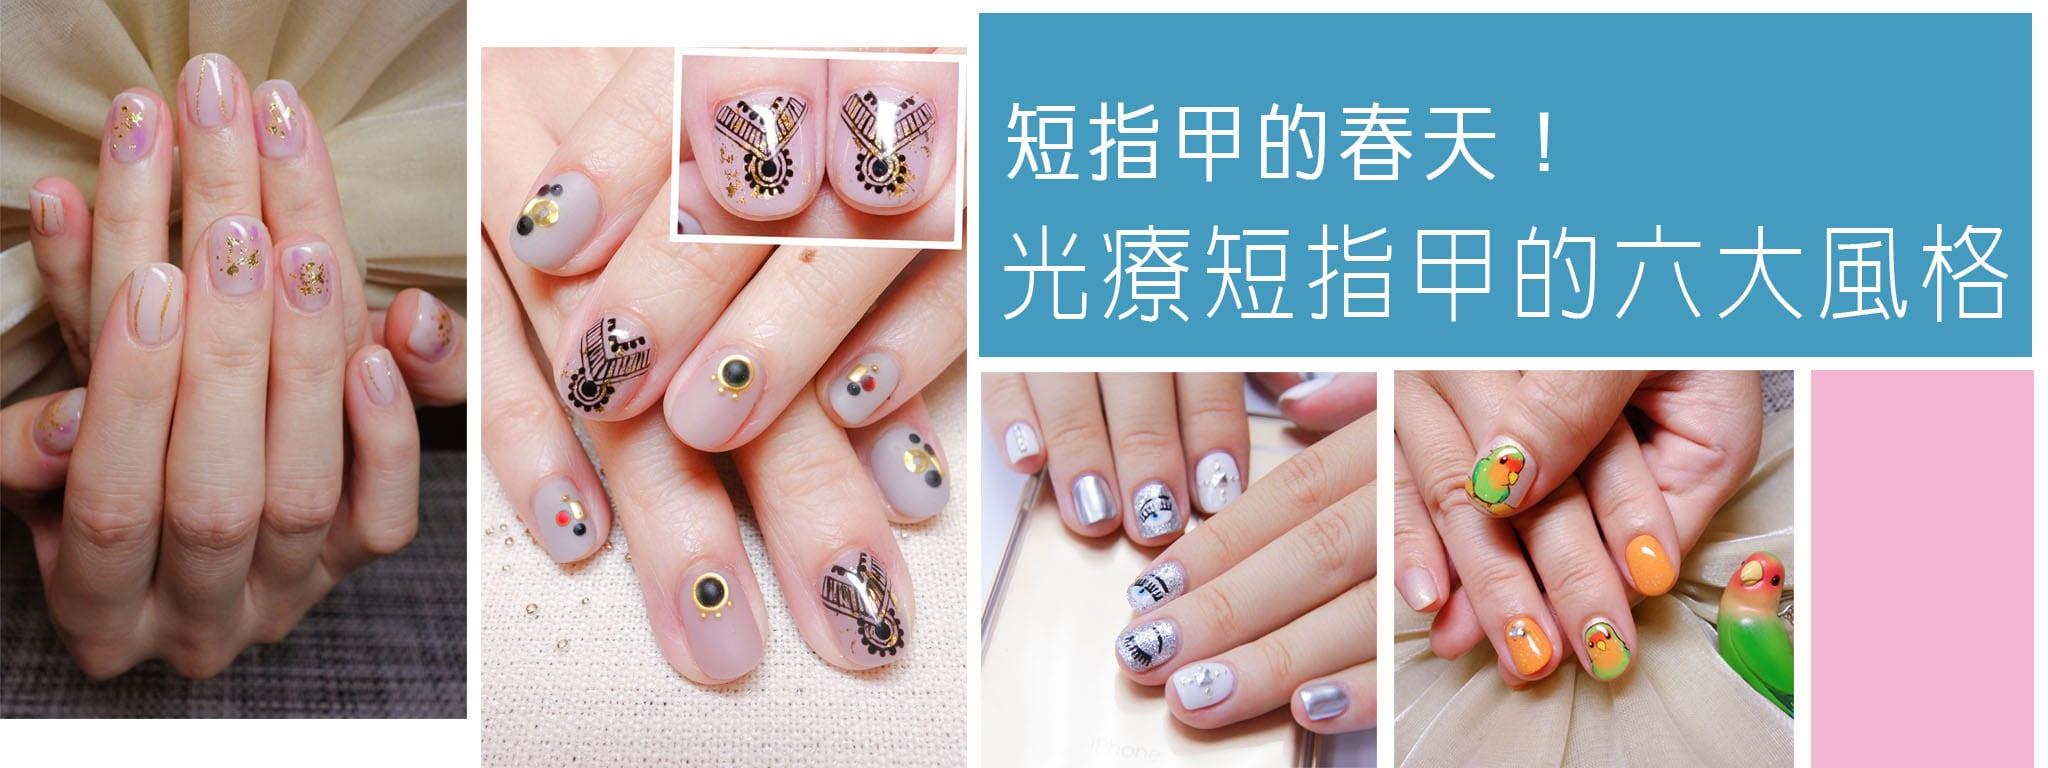 ♥ 短指甲的春天!凝膠短指甲的六大風格